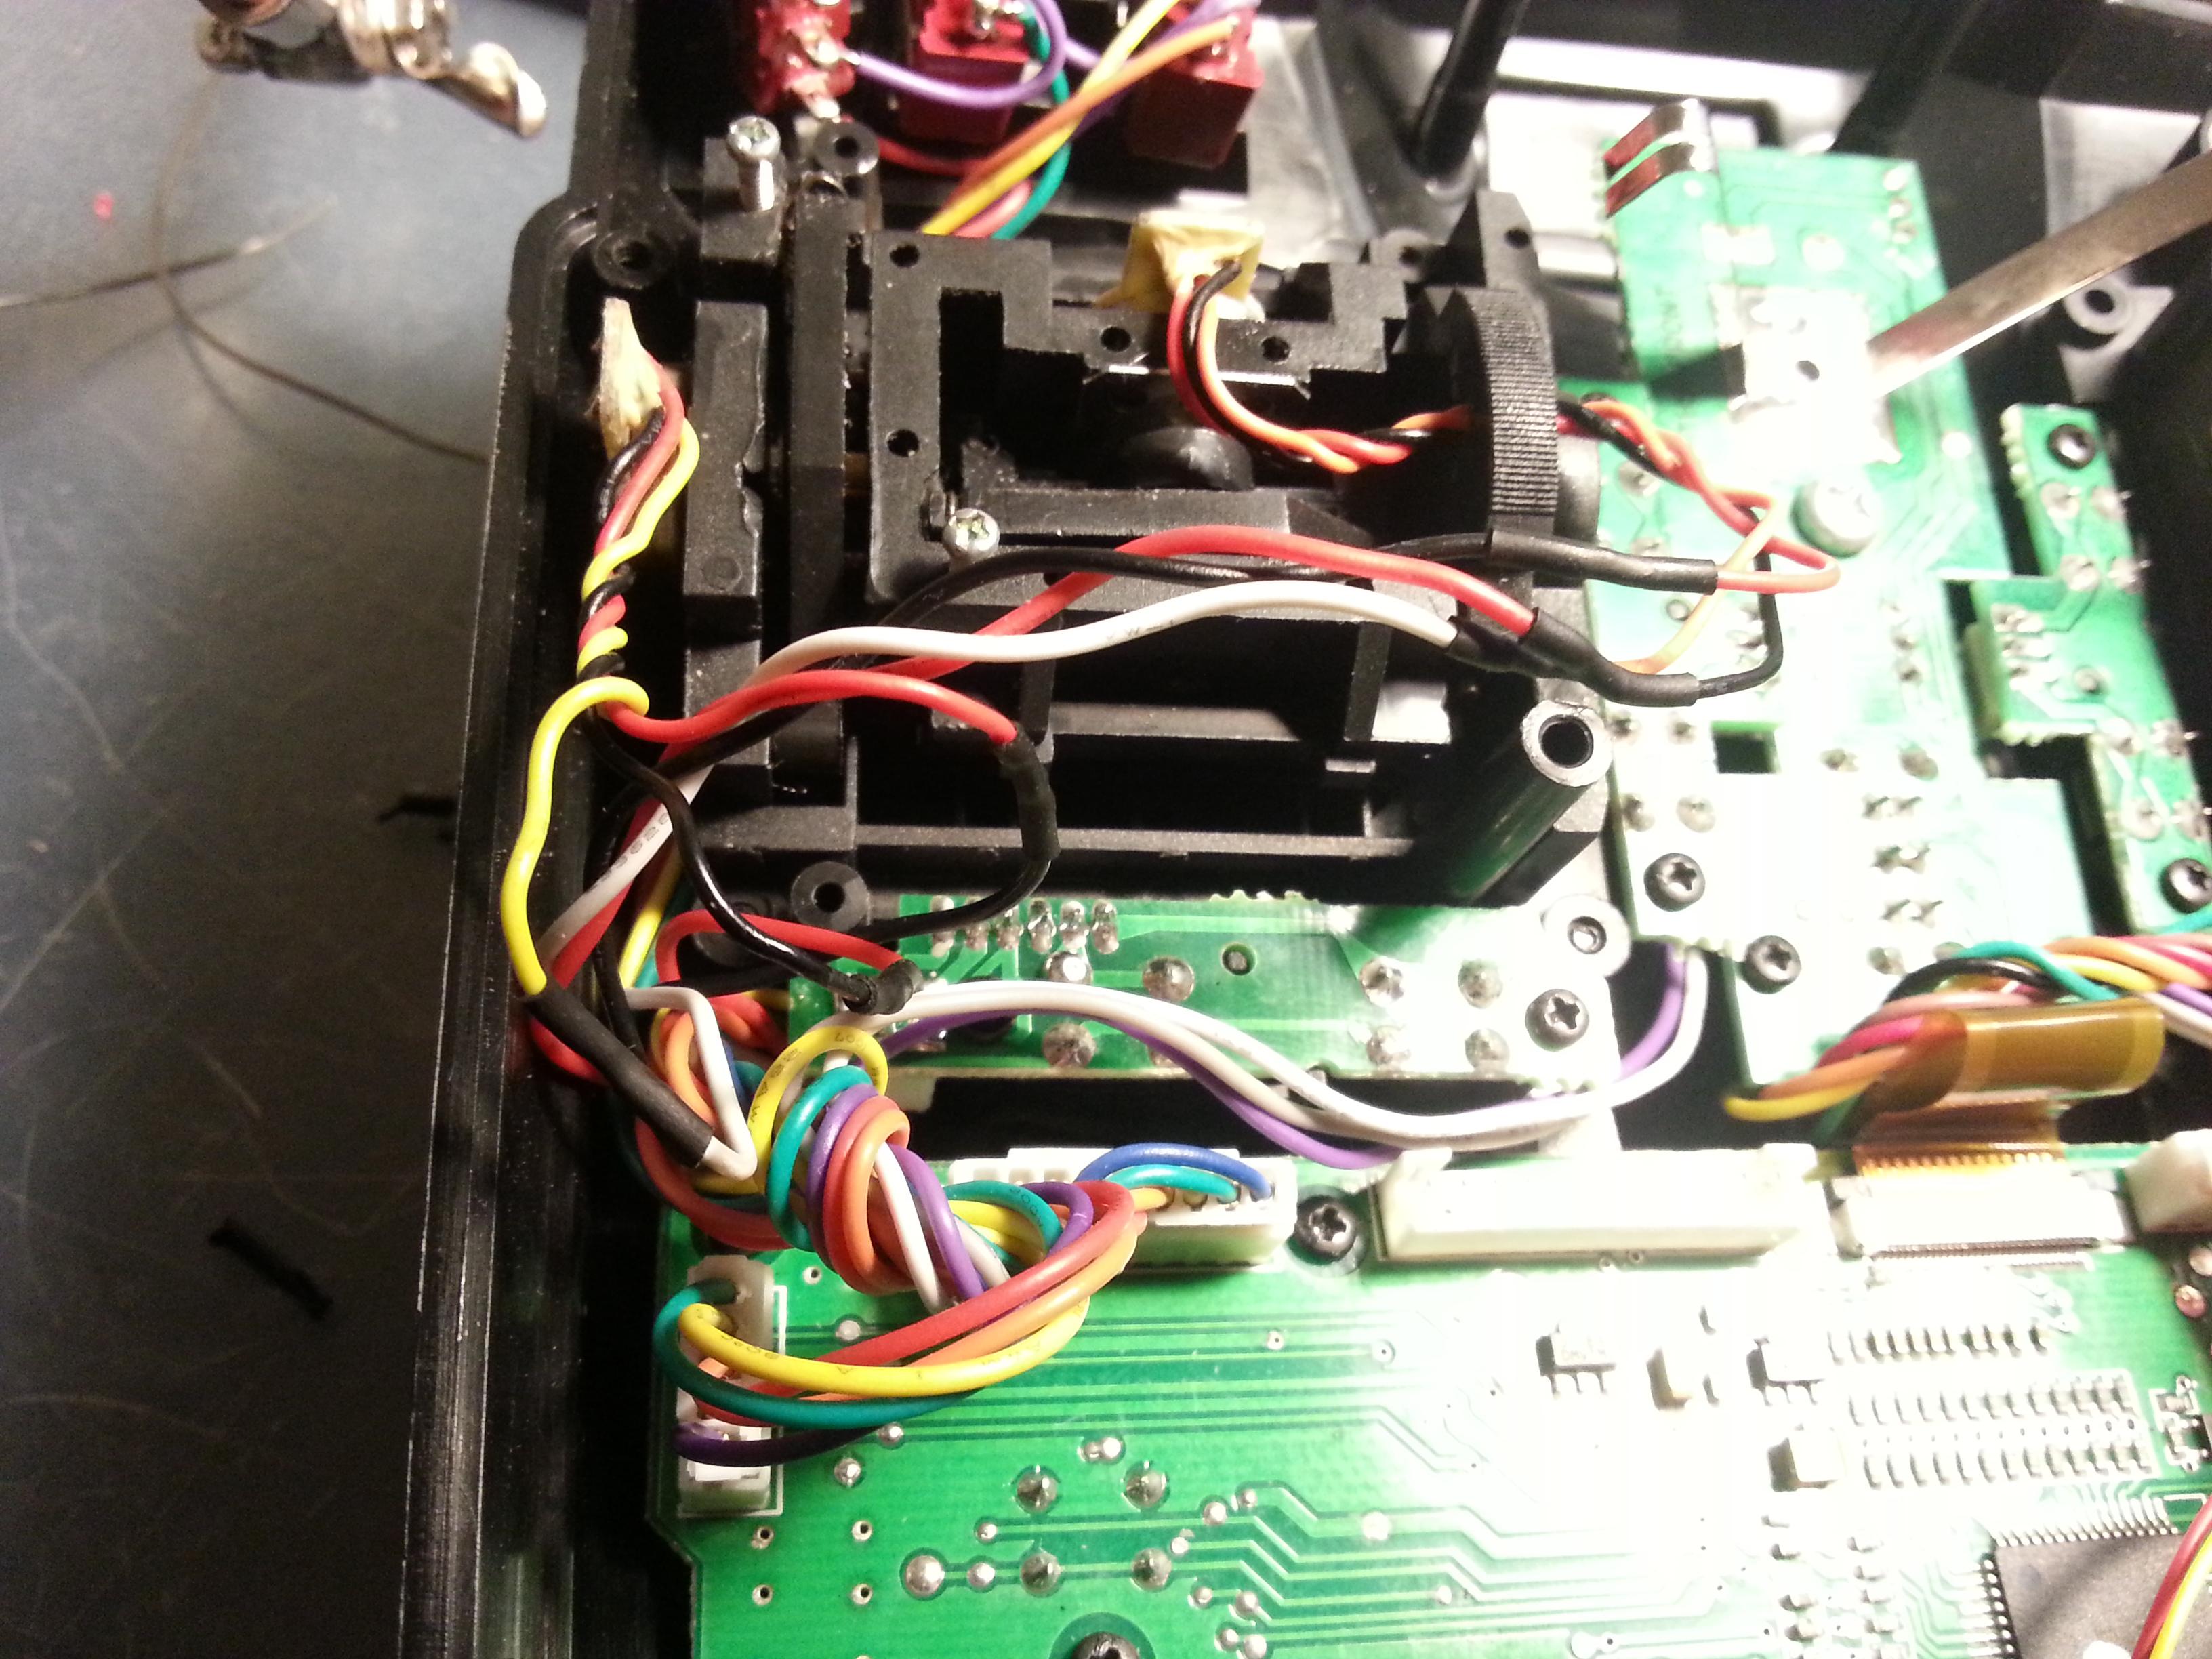 Spektrum Dx6 Rc Wiring Diagram - Trailer Wiring Diagram Help -  5pin.losdol2.jeanjaures37.fr | Spektrum Dx6 Rc Wiring Diagram |  | Wiring Diagram Resource